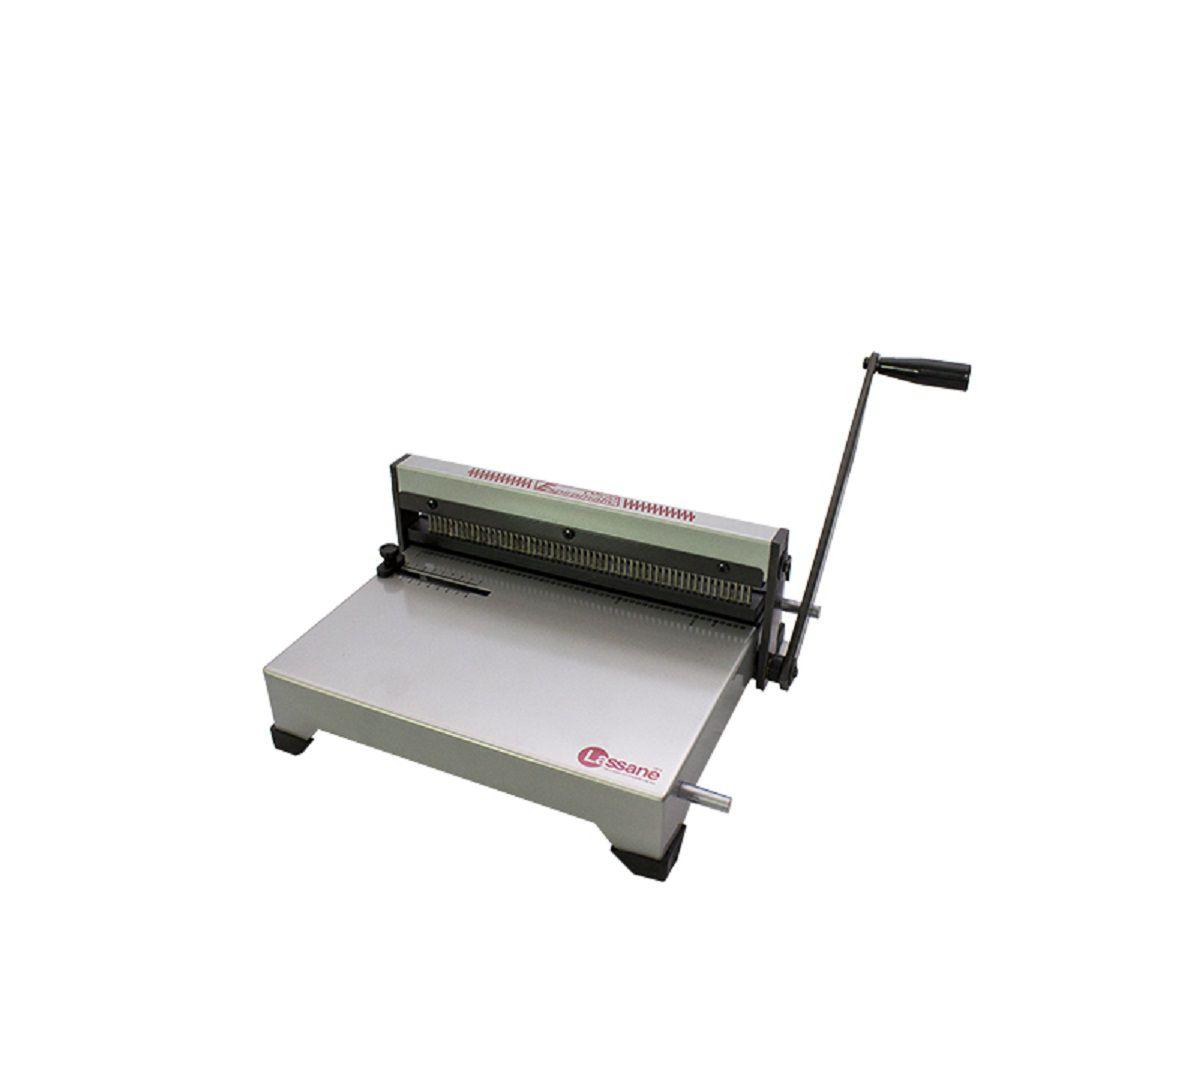 Encadernadora Perfuradora Manual Espiramatic Oficio Lassane  - Click Suprimentos